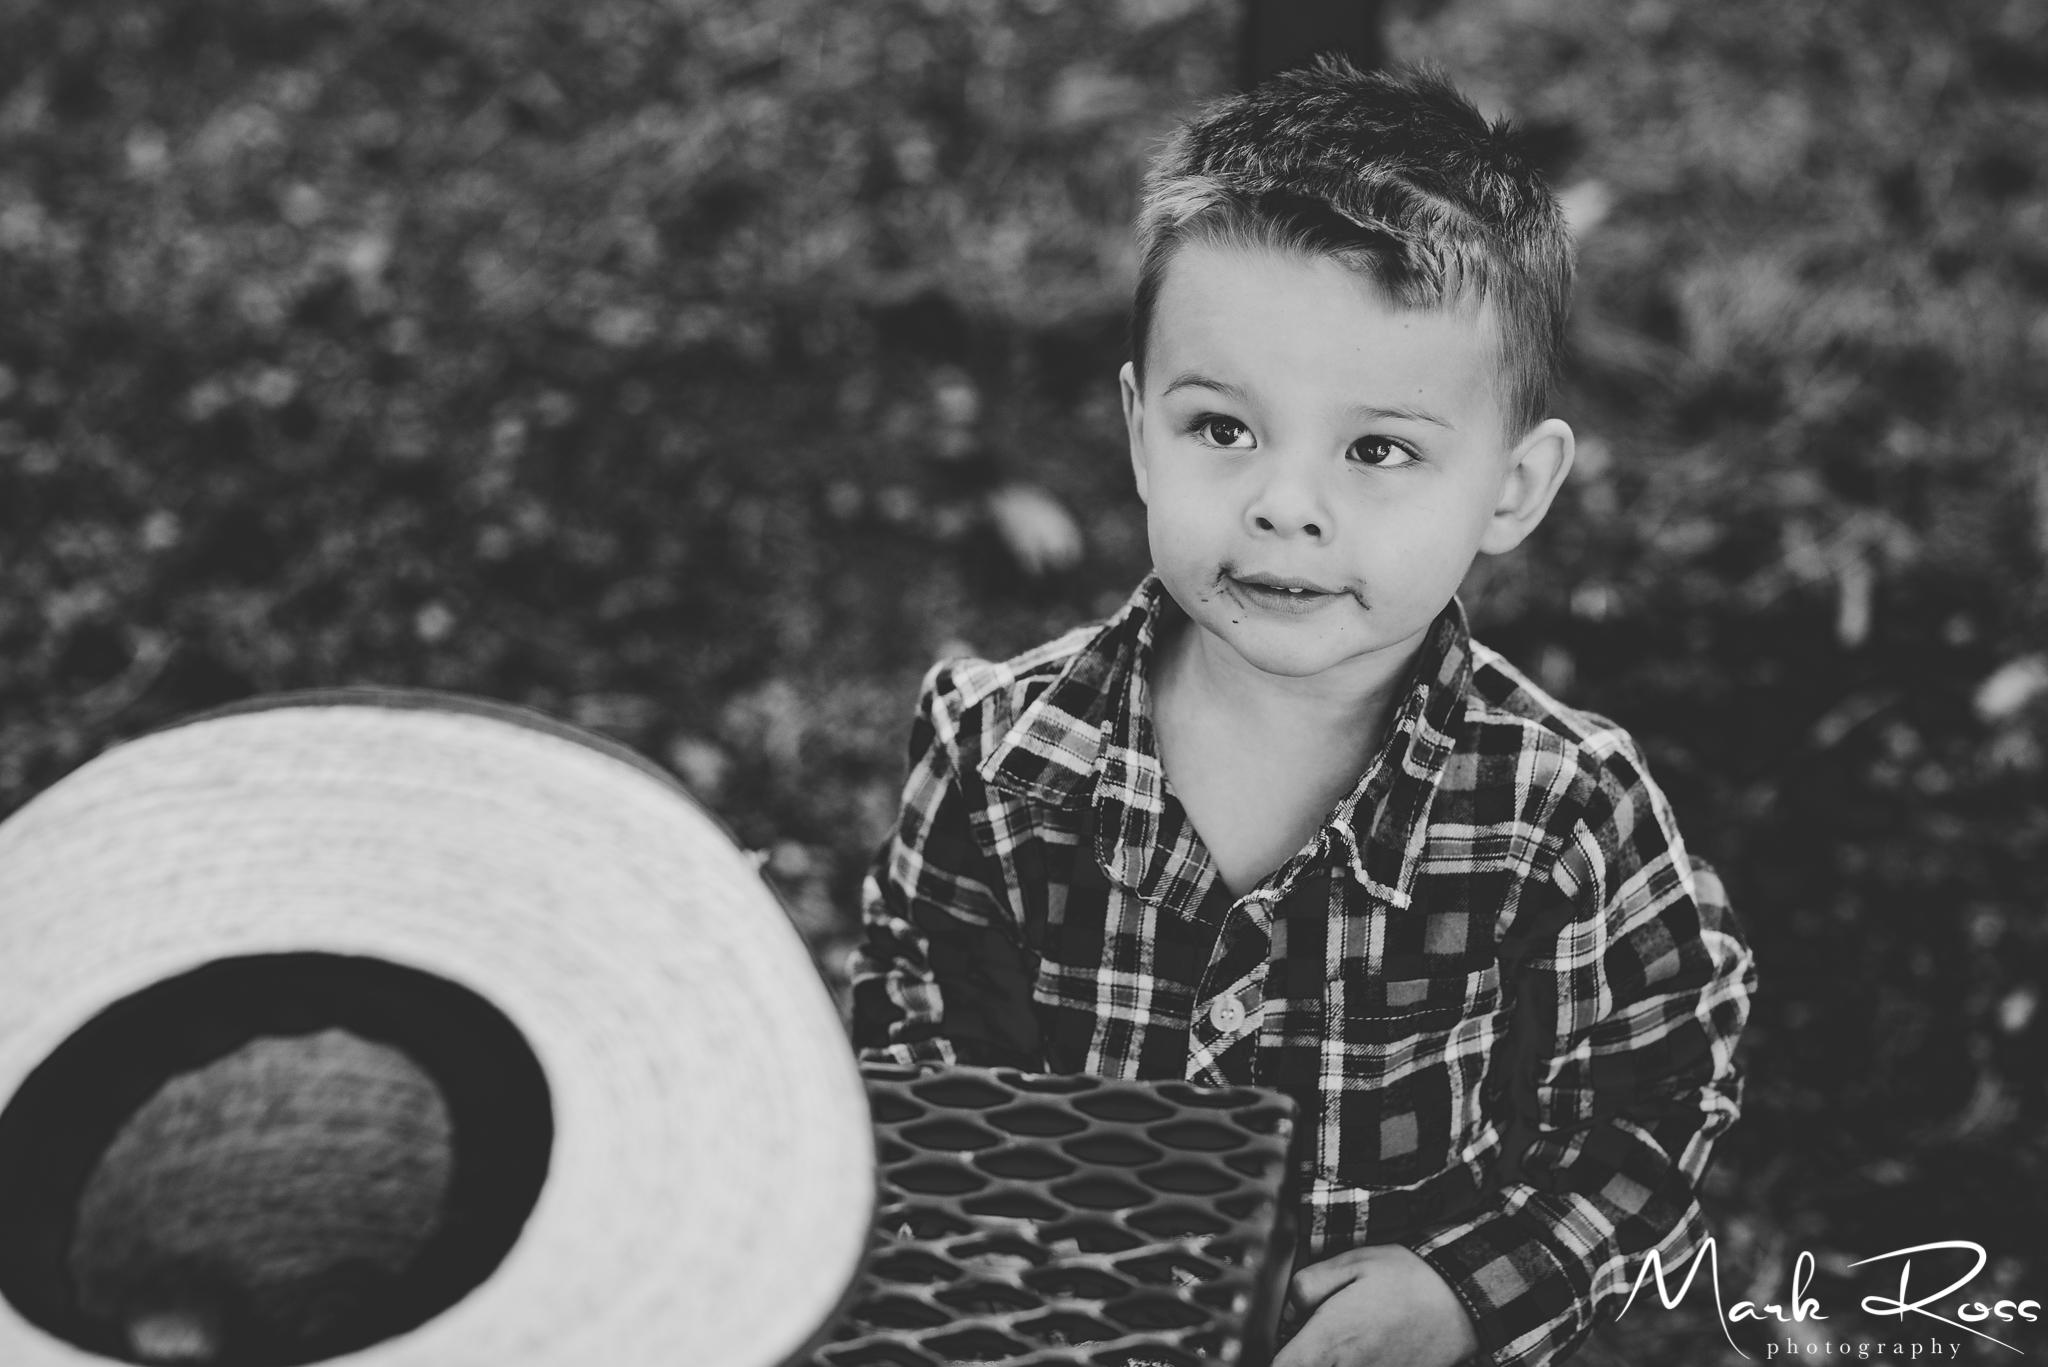 Denver-Family-Photographer-Blog-Mark-Ross-Photography-Glas-Family-27.jpg